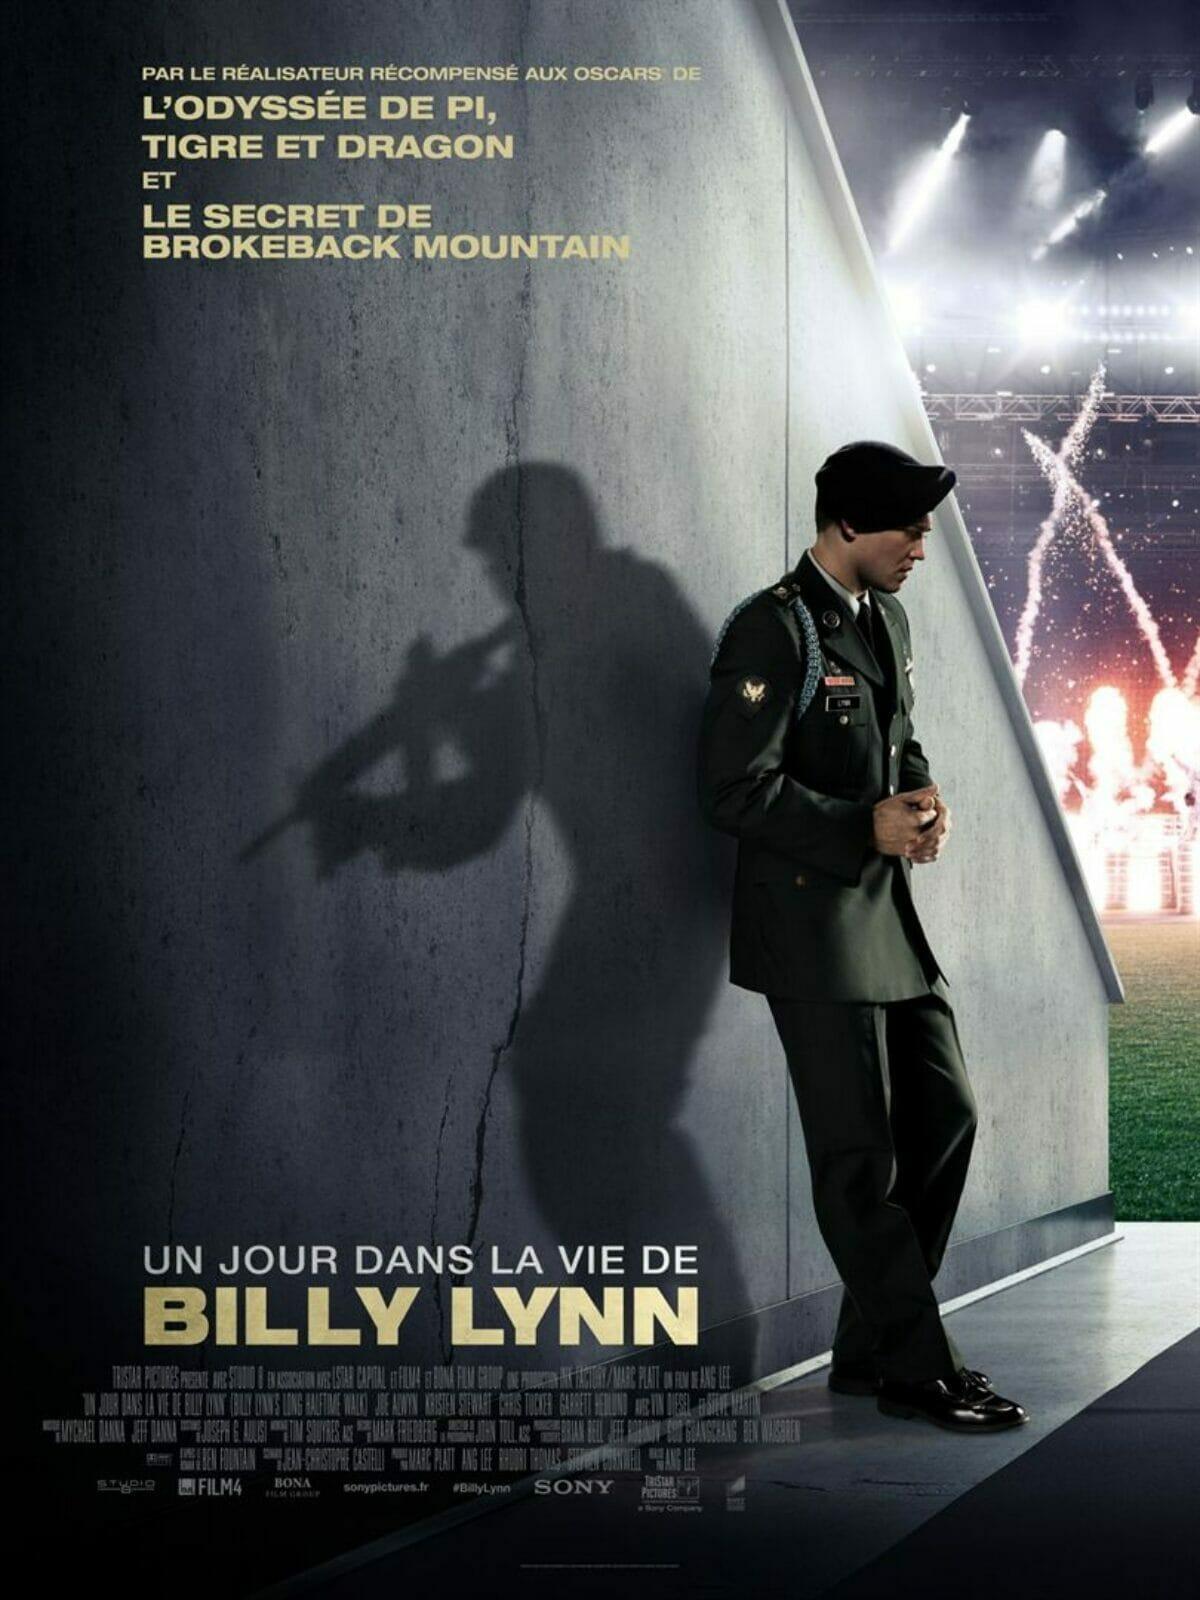 Un-jour-dans-la-vie-de-billy-lynn-poster-2